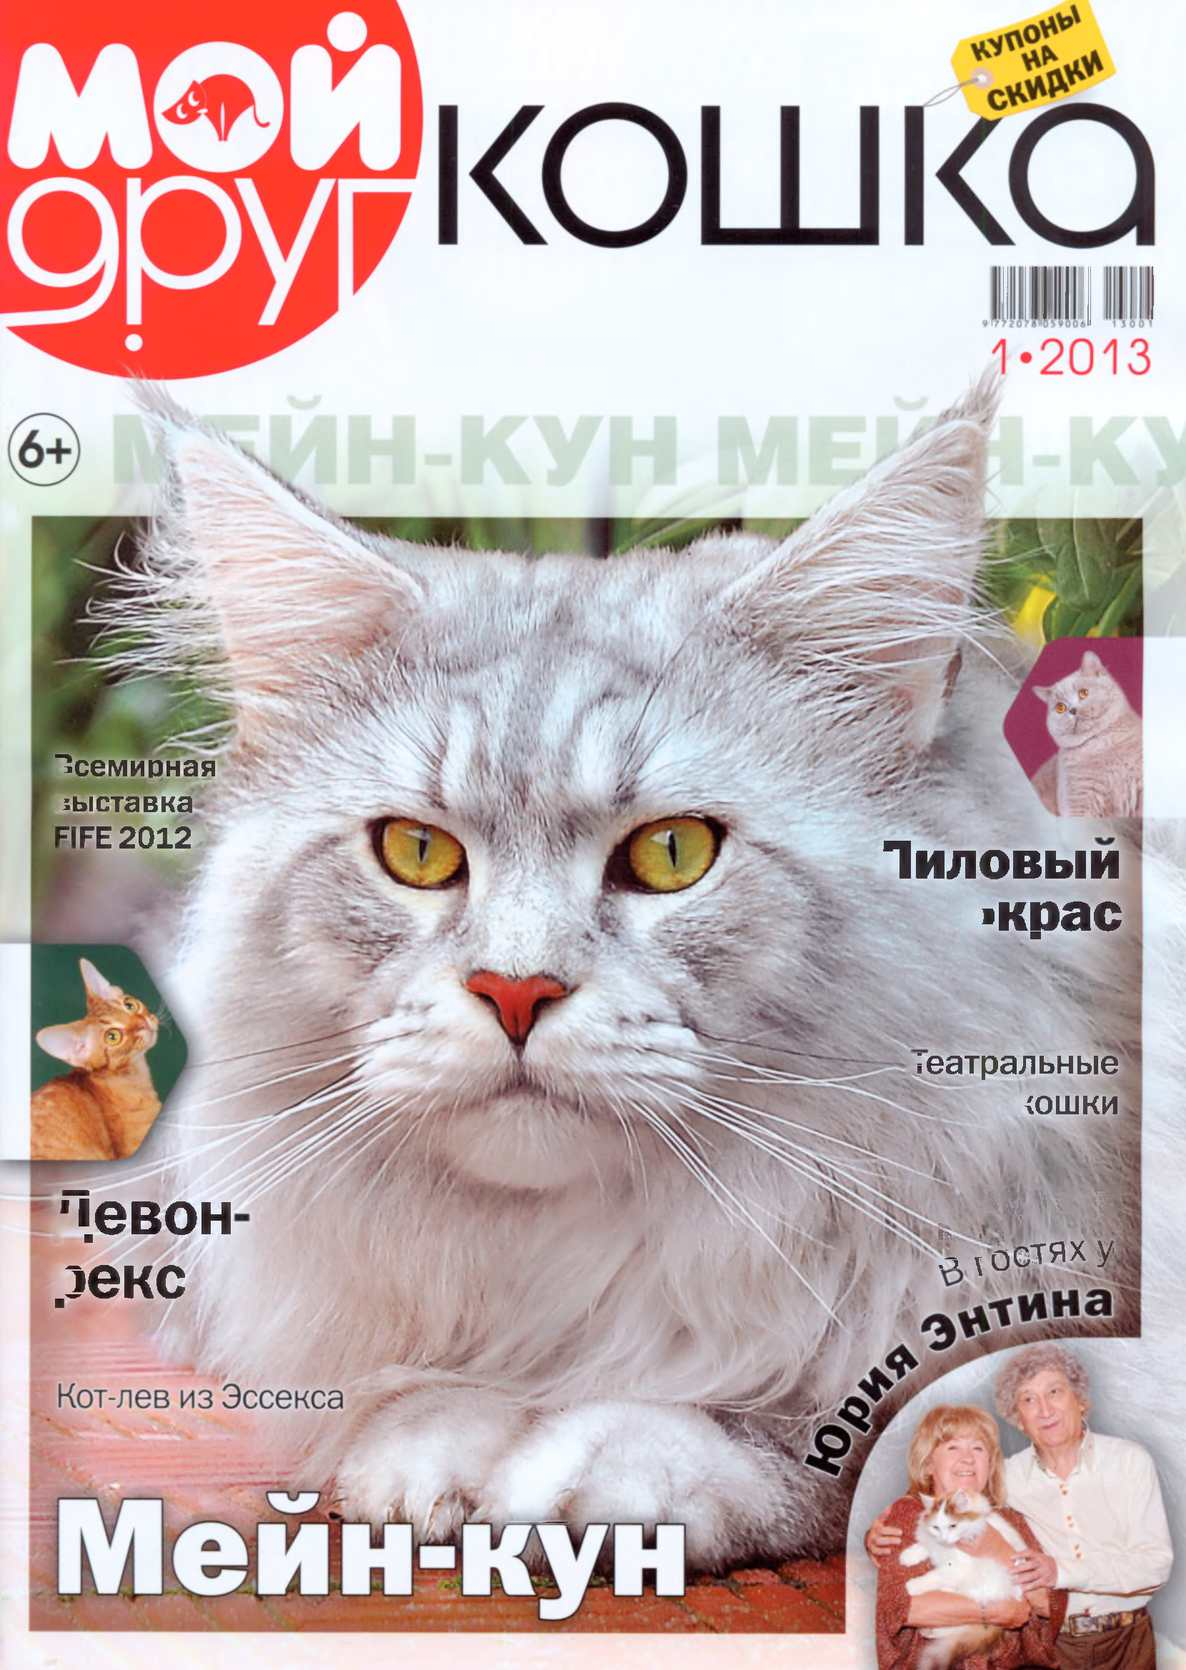 Calaméo - Мой друг кошка 2013 - №01 115141a8eea22